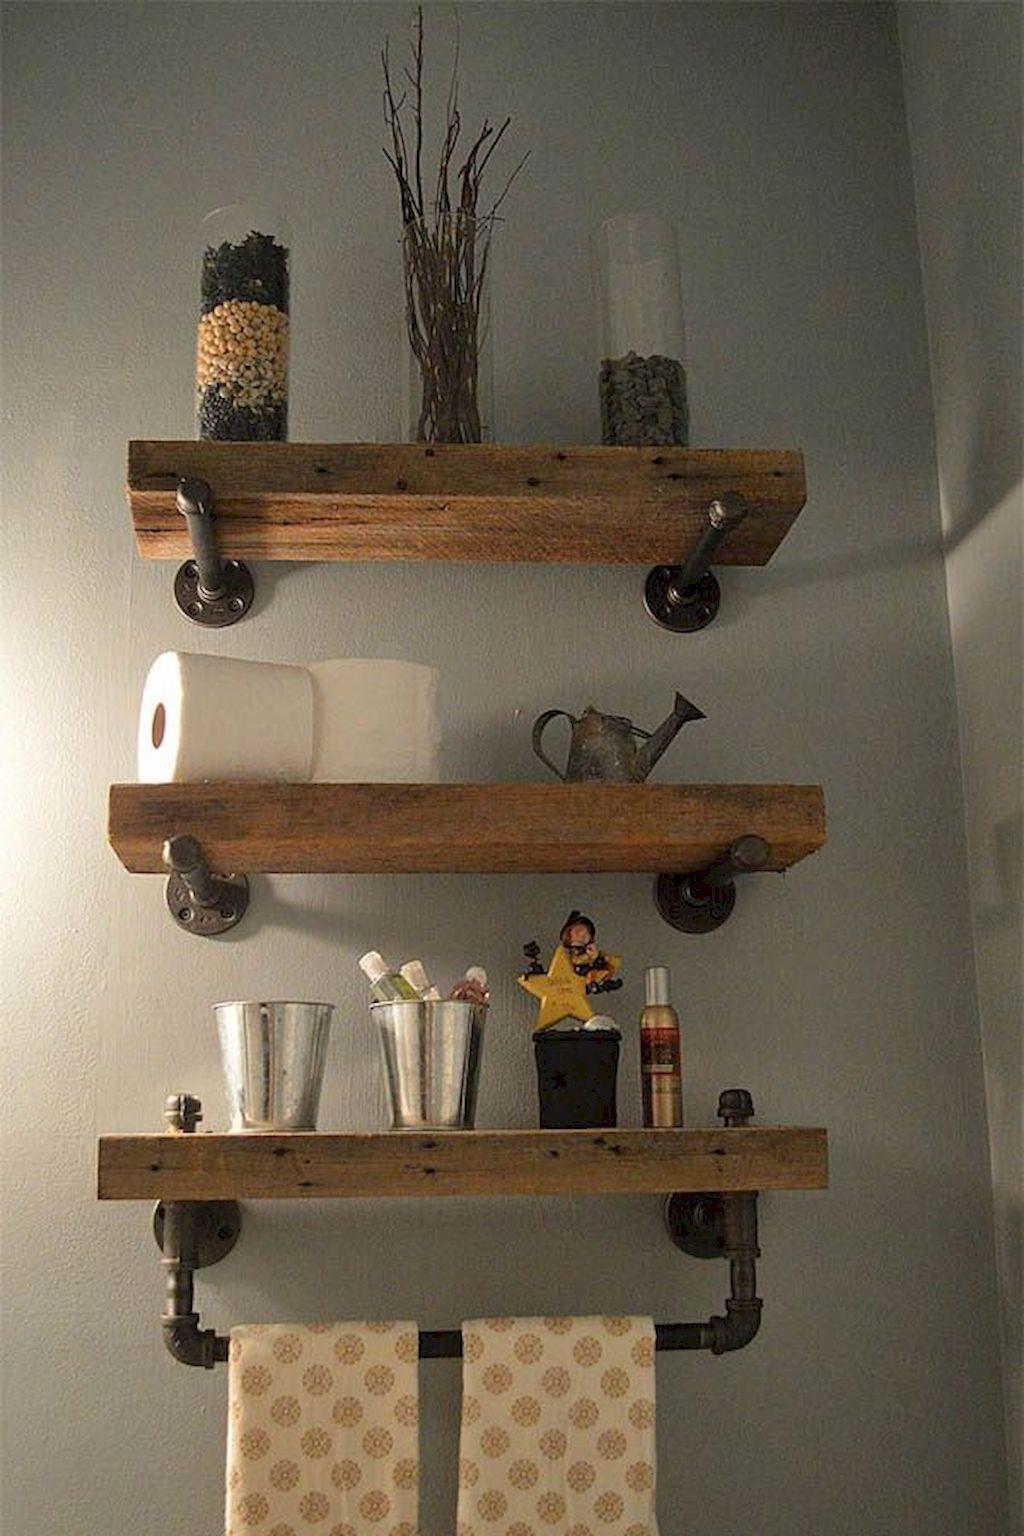 07 Modern Farmhouse Master Bathroom Remodel Ideas Bathroom Wood Shelves Barn Wood Bathroom Rustic Bathroom Decor